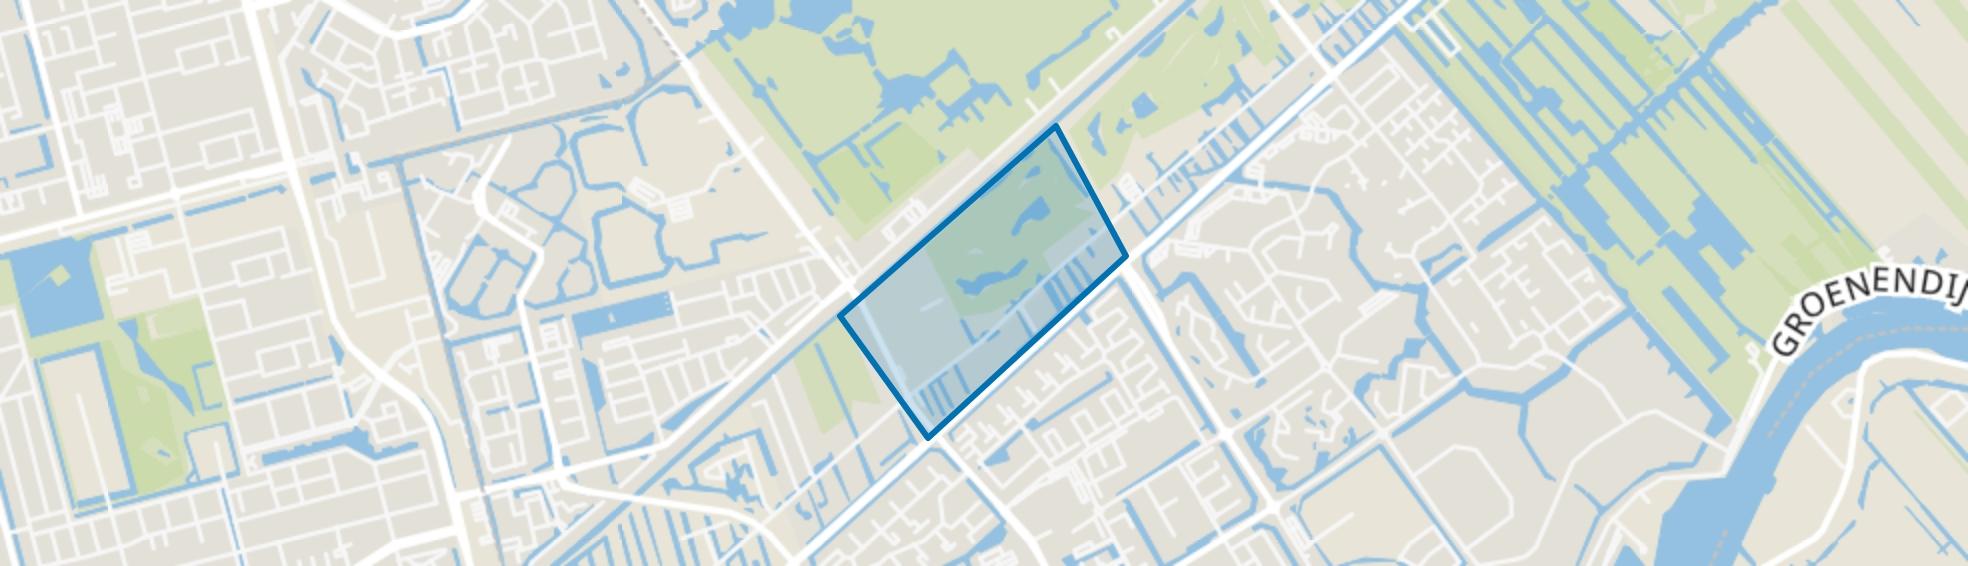 Stationsbuurt, Capelle aan den IJssel map